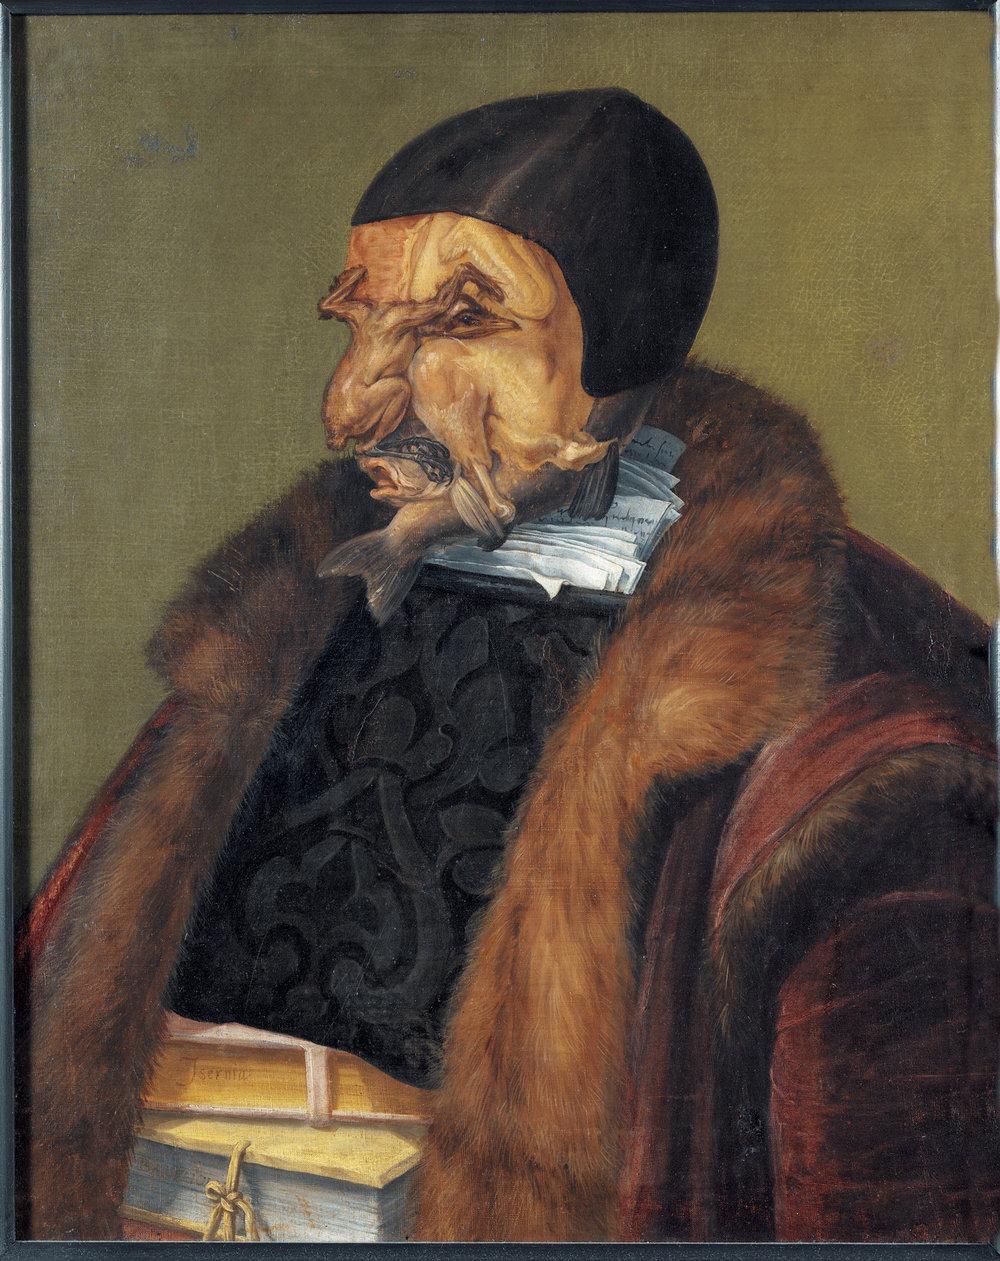 Il Giurista, 1566, olio su tela. Stoccolma, Nationalmuseum. Tramite questa caricatura Arcimboldo ironizza fortemente il mestiere del giurista, mettendolo quasi in ridicolo; il volto è infatti composto da una quaglia, un pollo e dei pesci, facendone una sorta di creatura mostruosa.